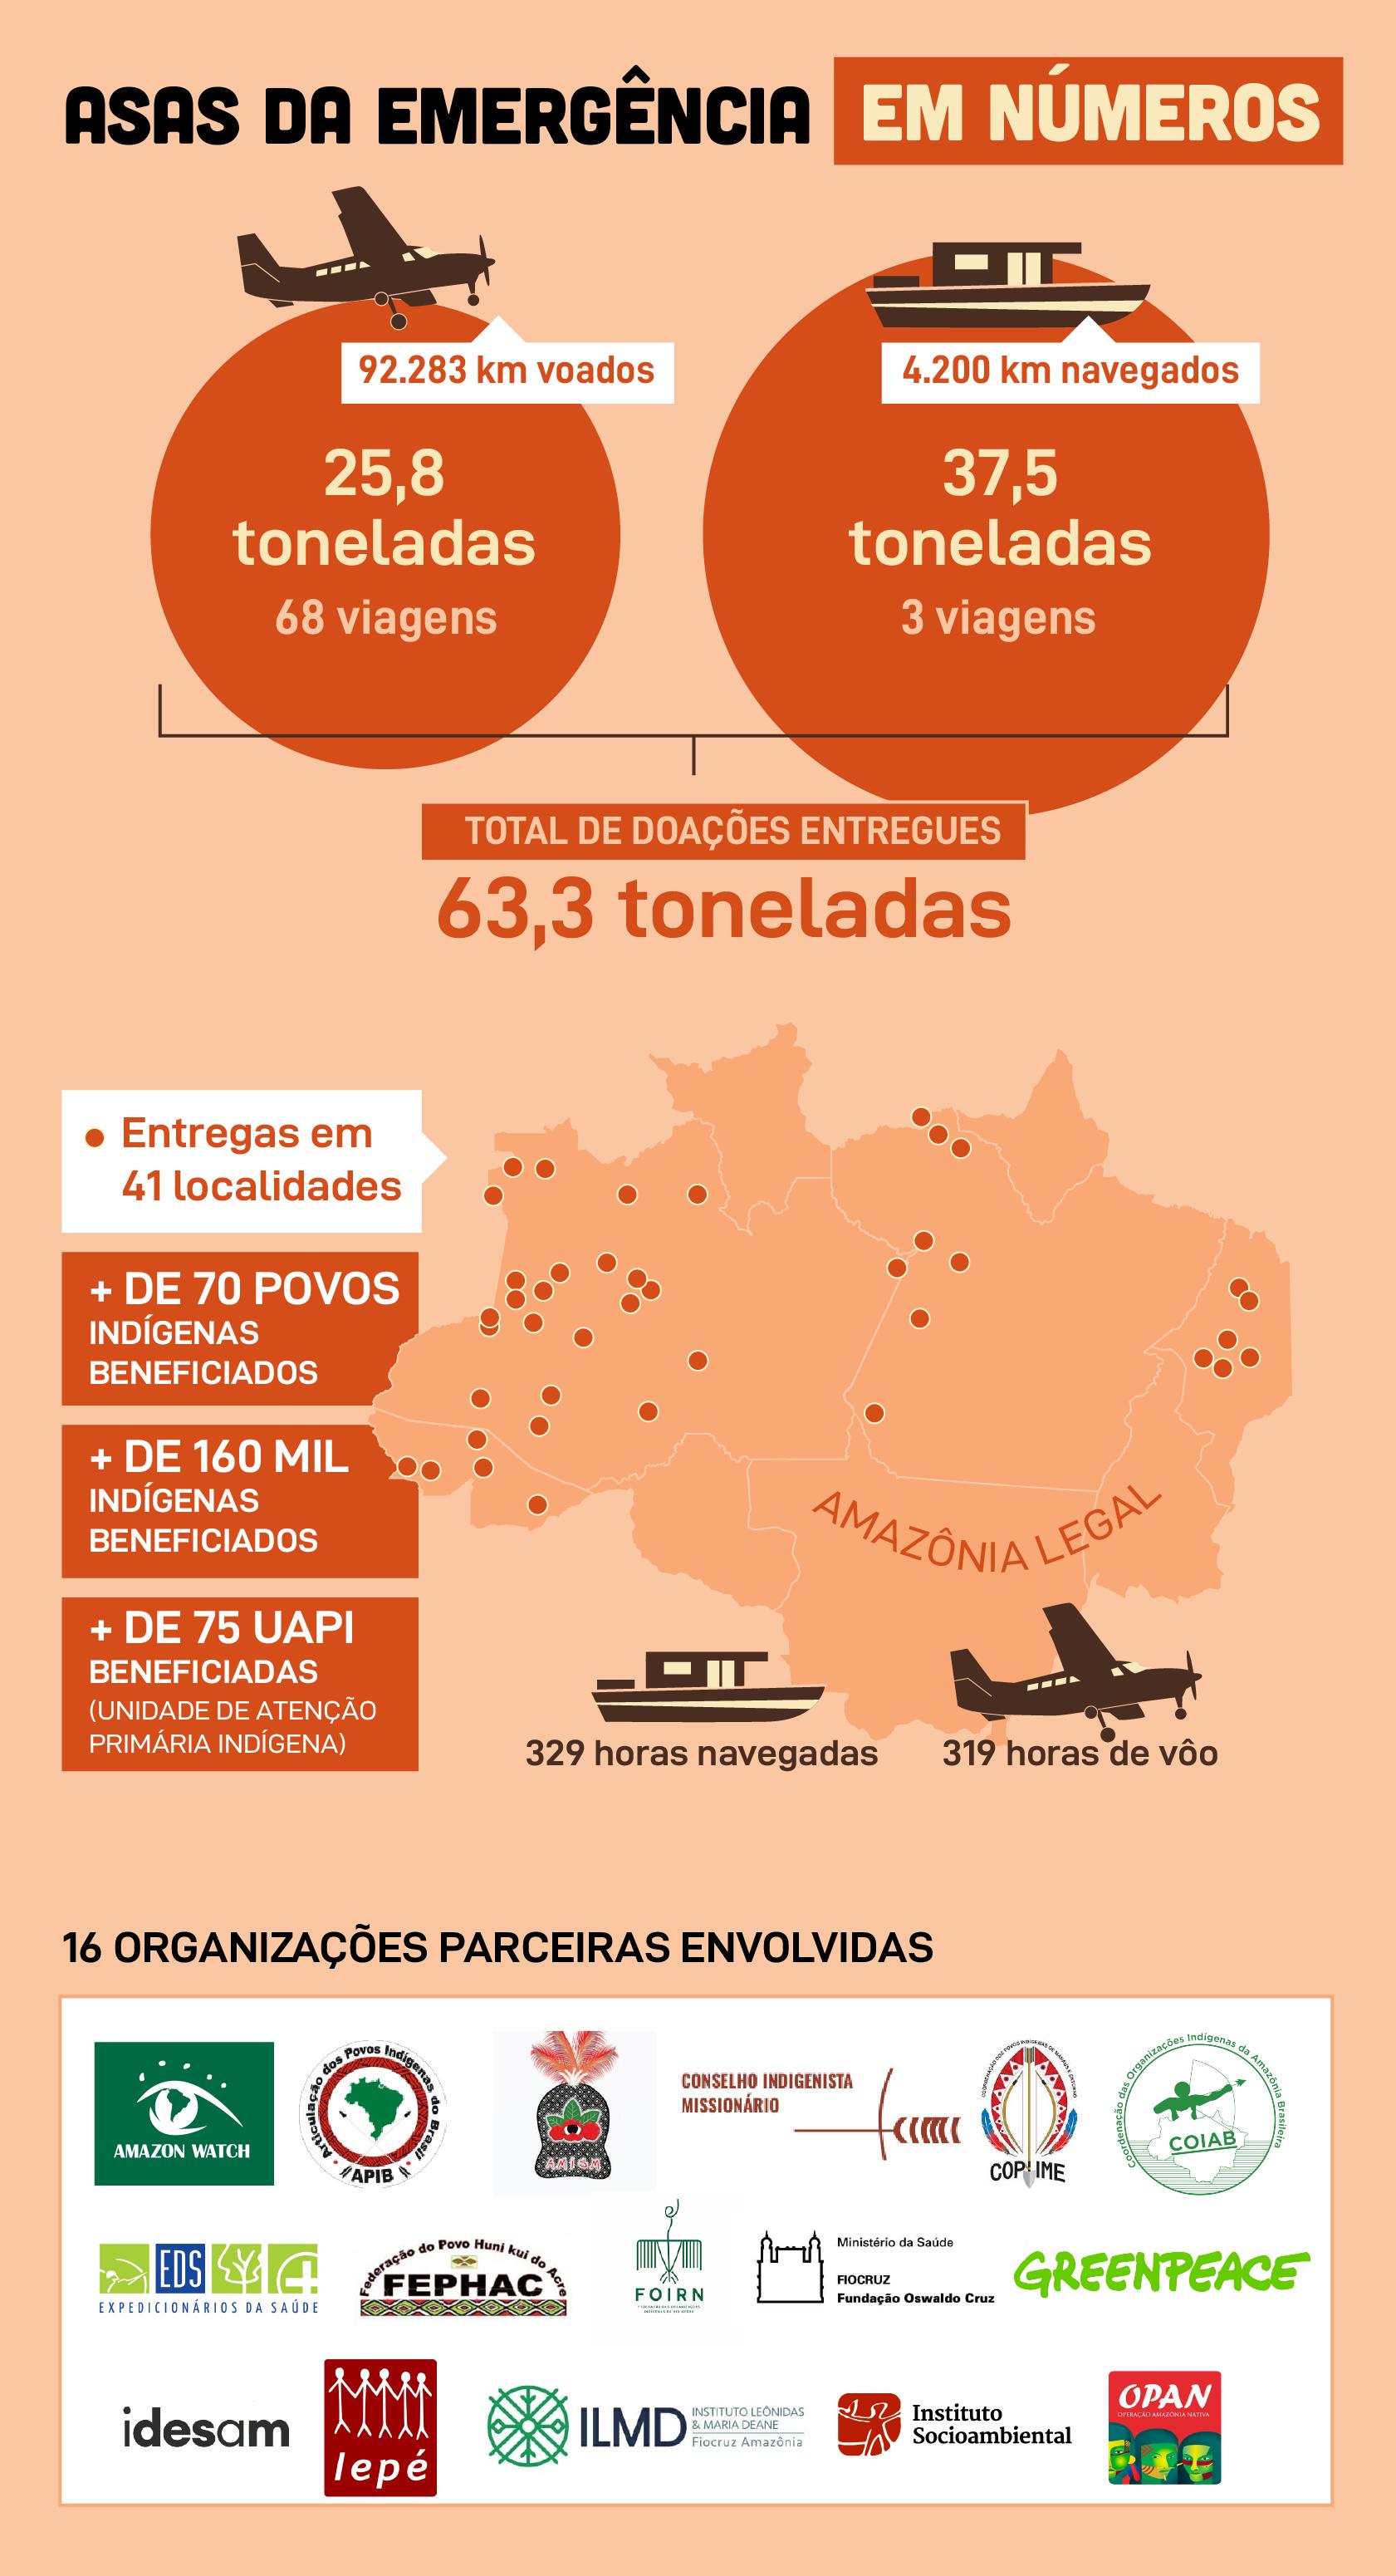 Asas da Emergência em números